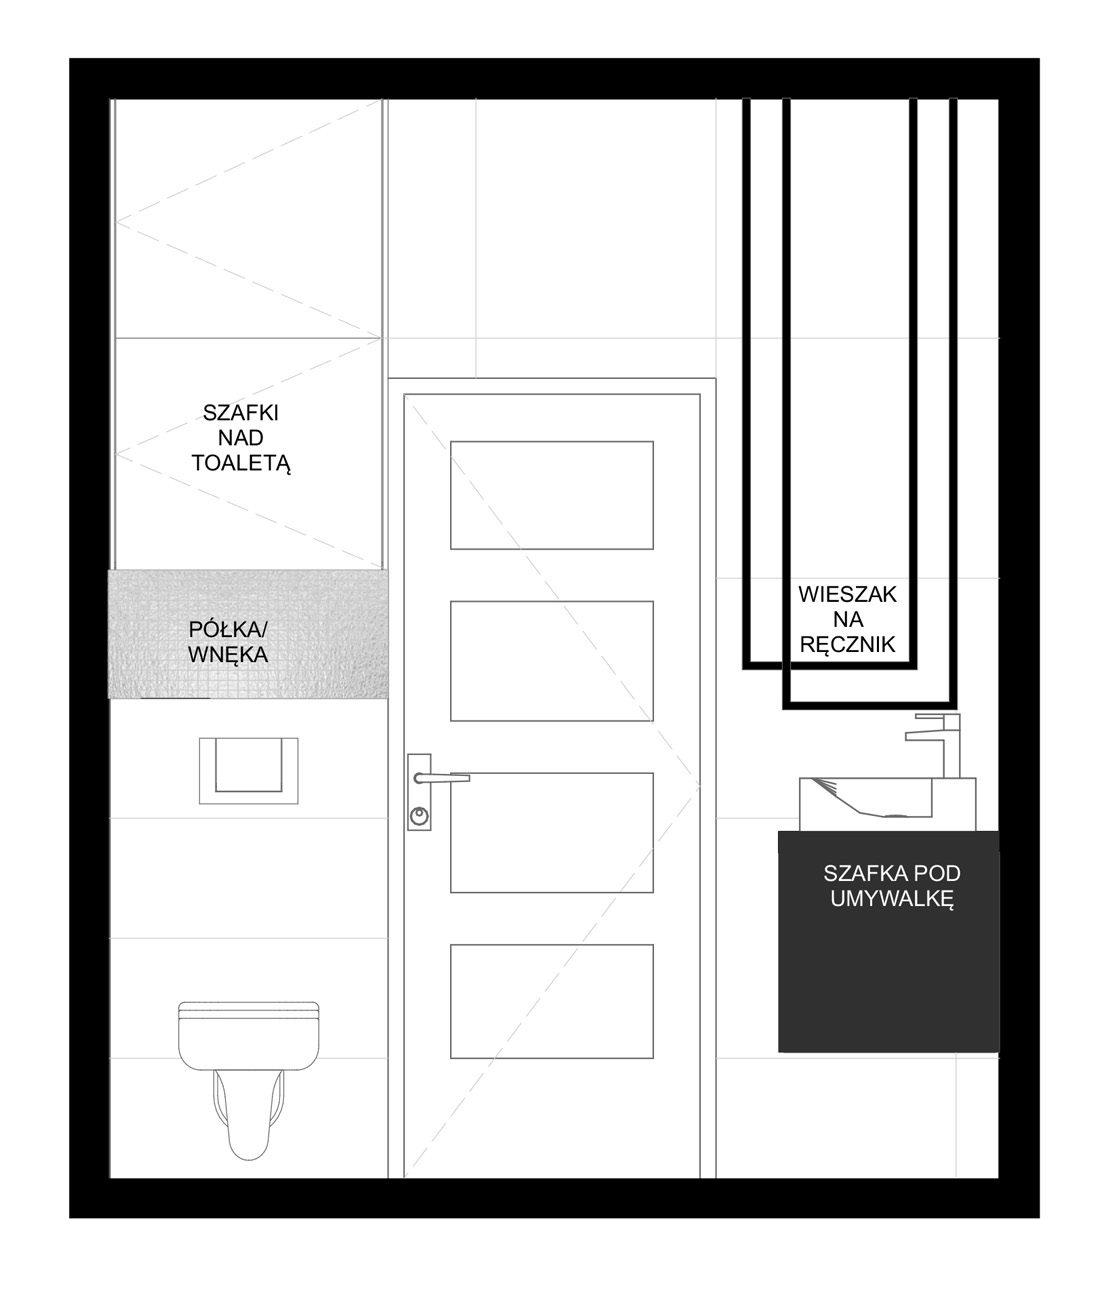 łazienka czarno-biała elewacja 1